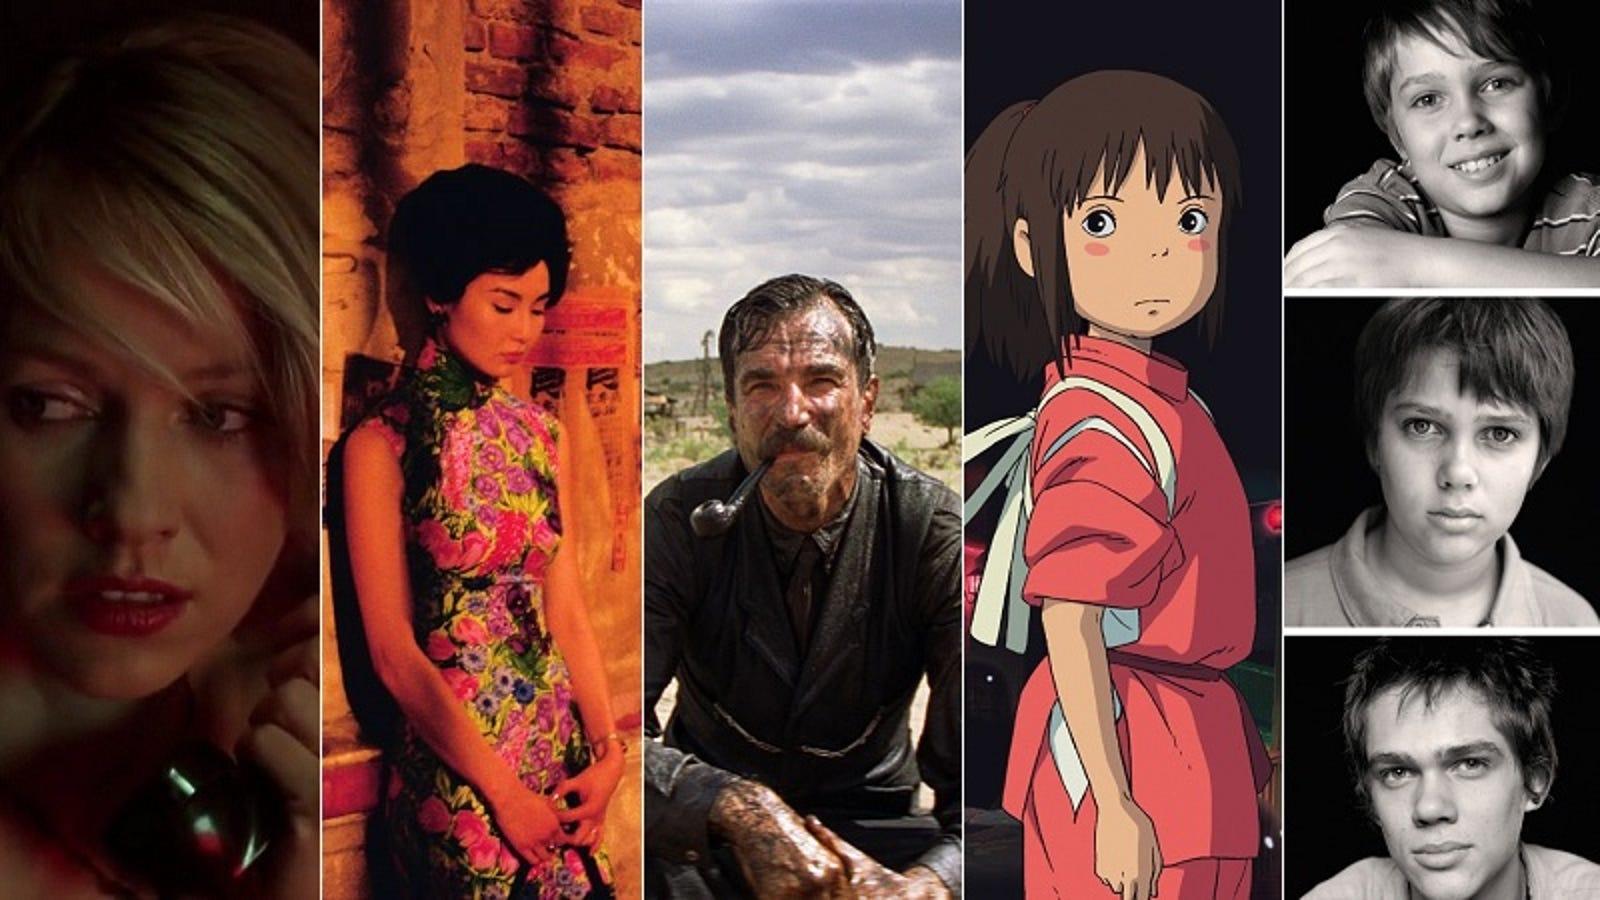 Las 25 mejores películas del siglo XXI y dónde verlas